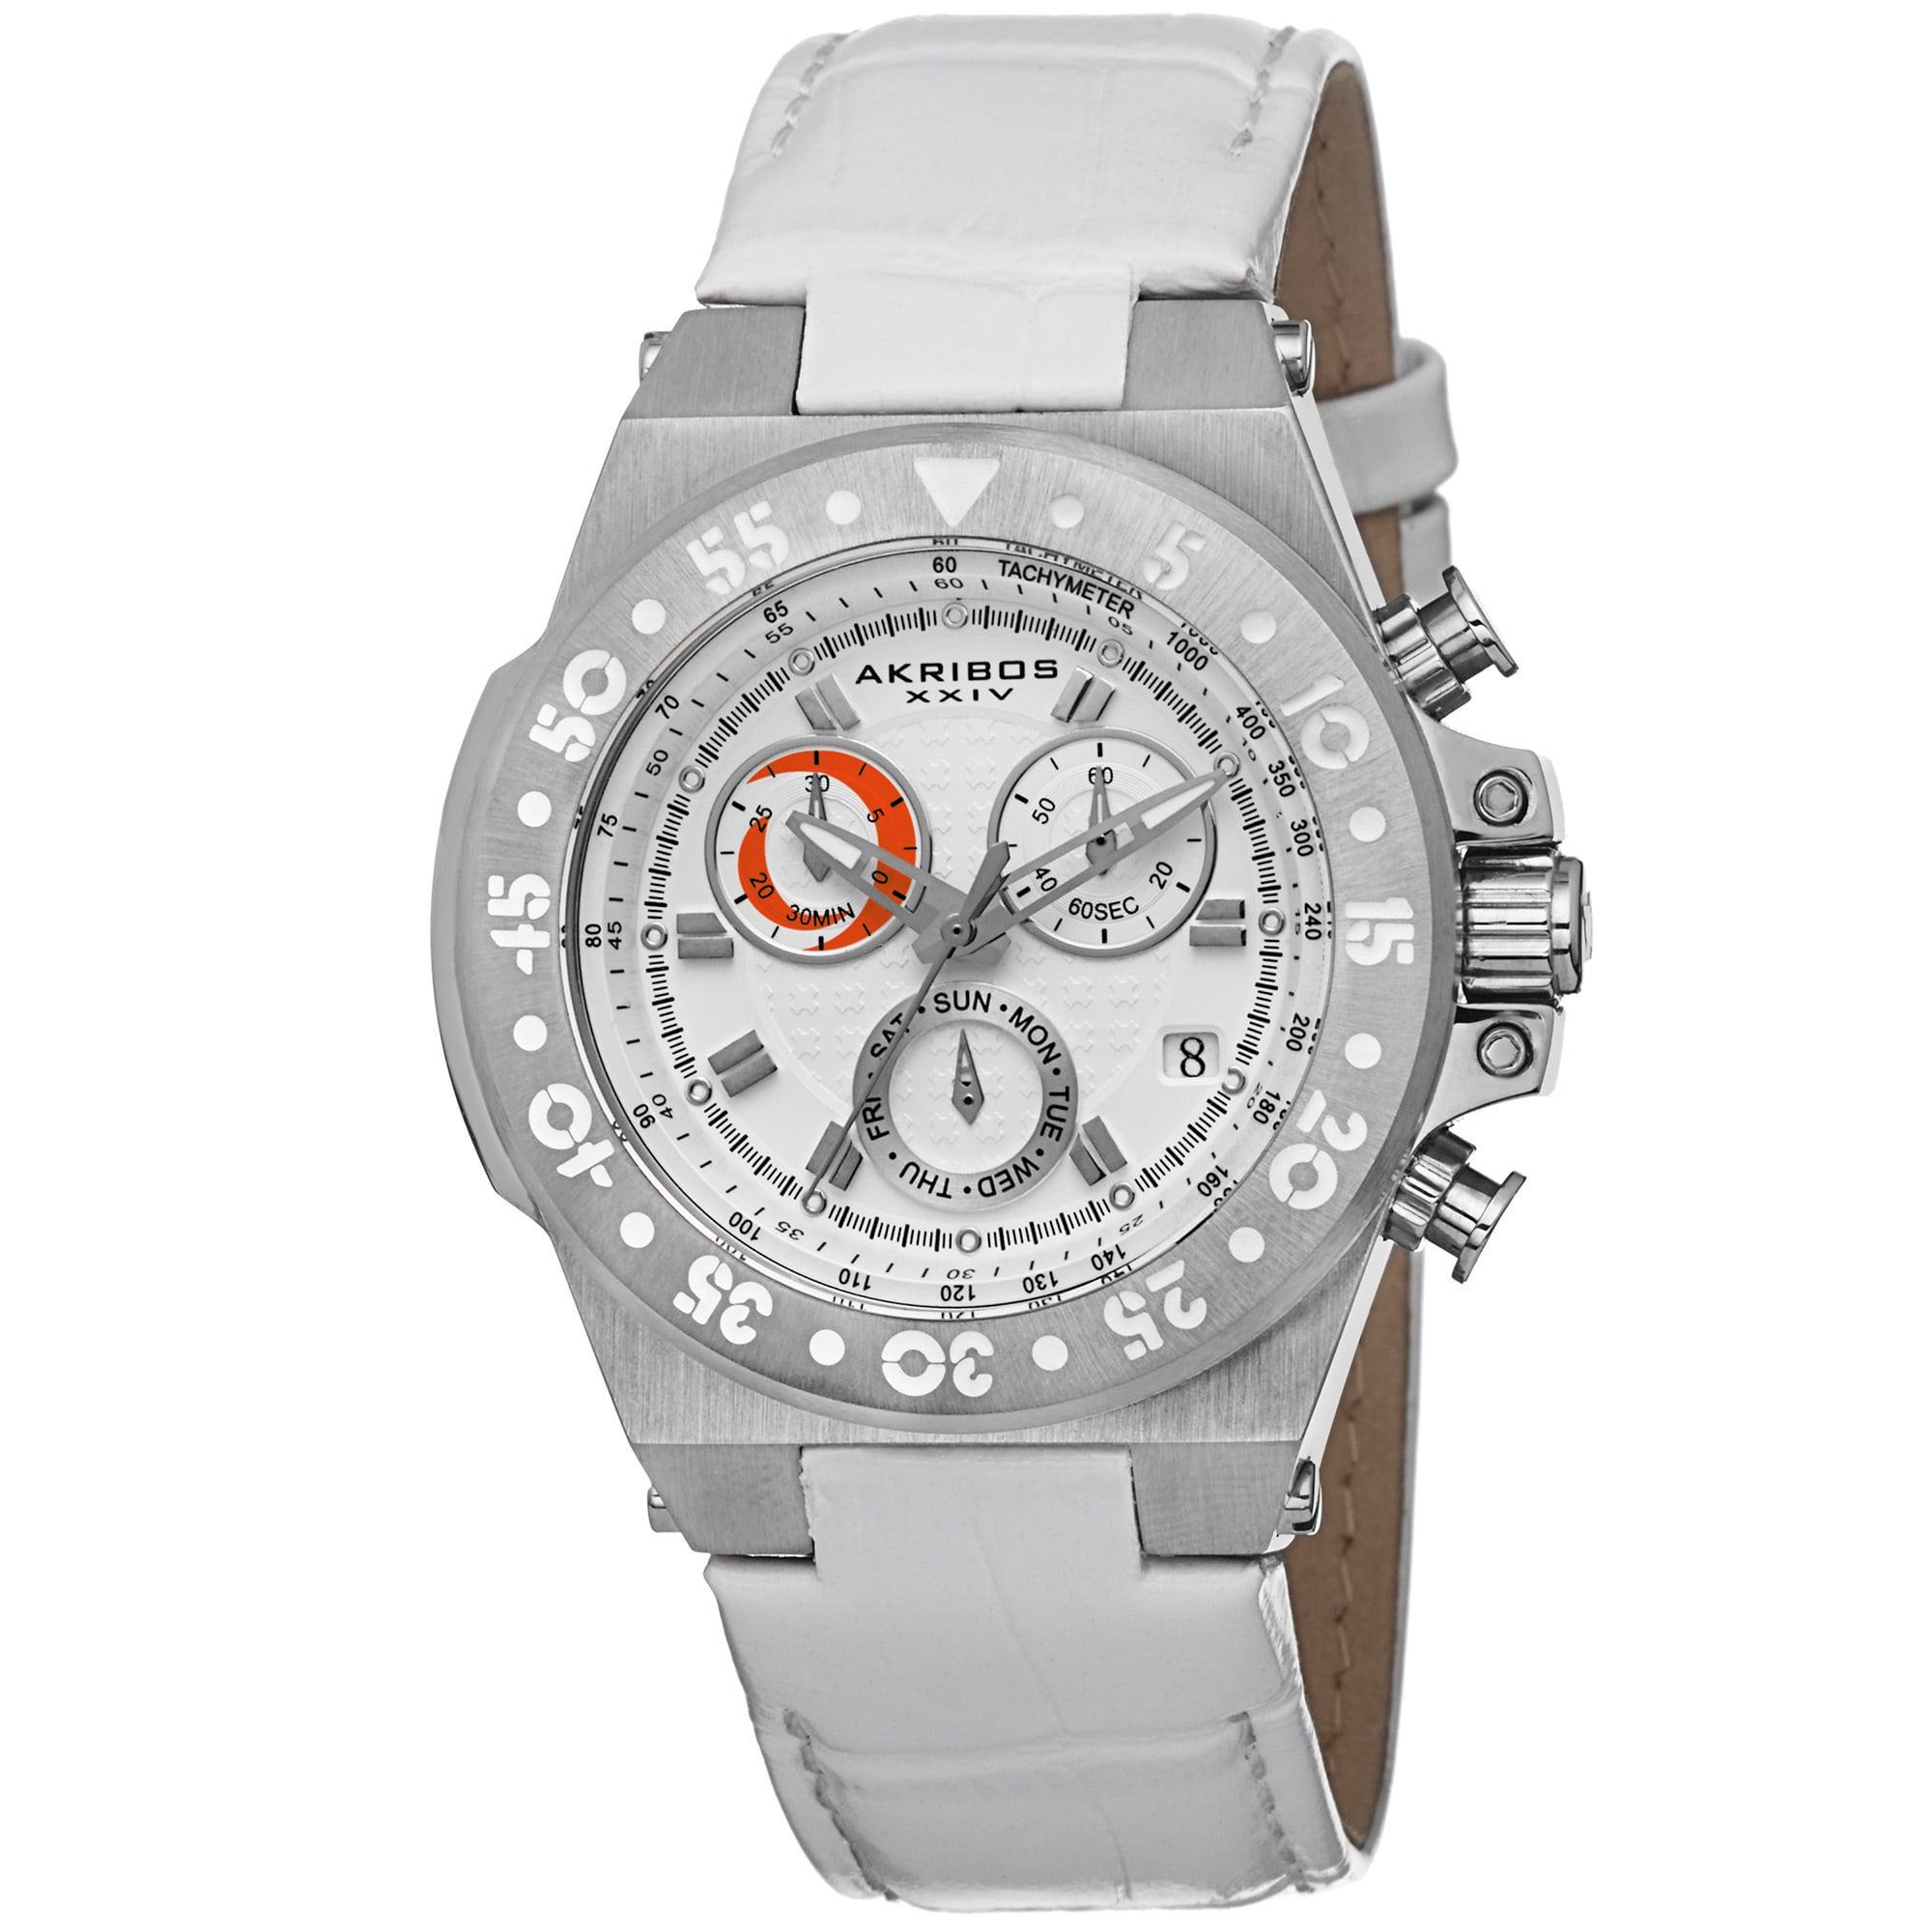 Akribos Xxiv Women's Swiss Chronograph Sports Leather Sil...